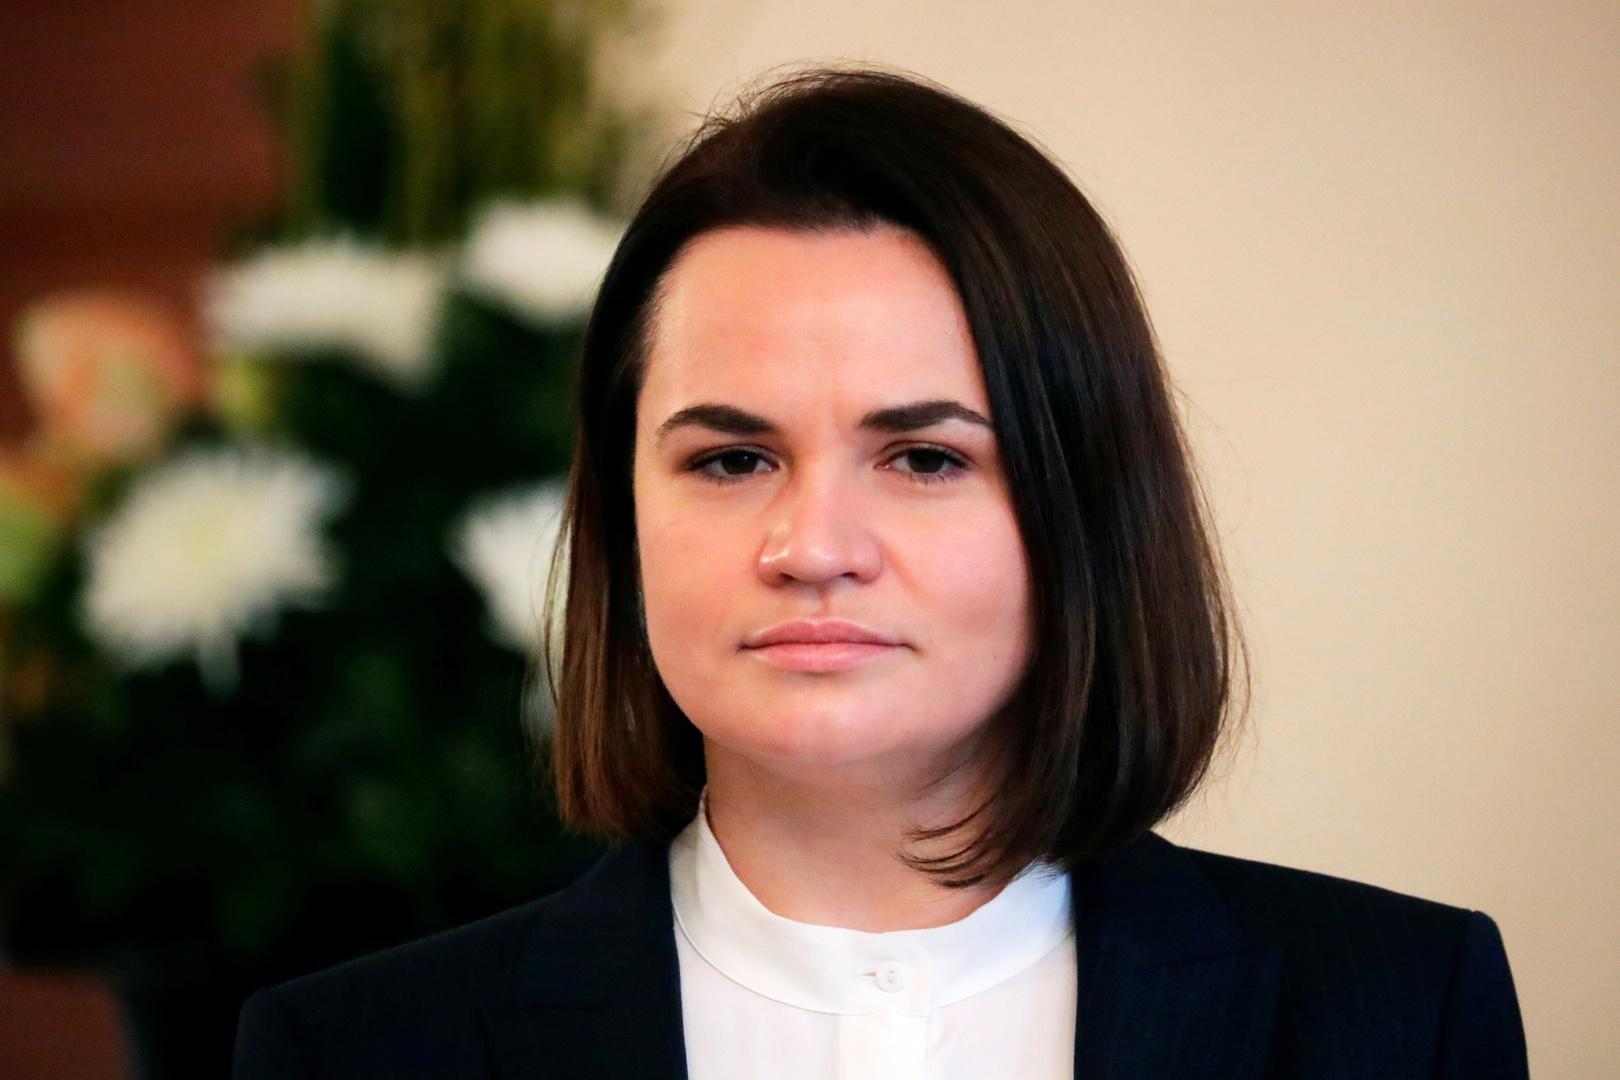 زعيمة المعارضة البيلاروسية، سفياتلانا تسيخانوسكا.